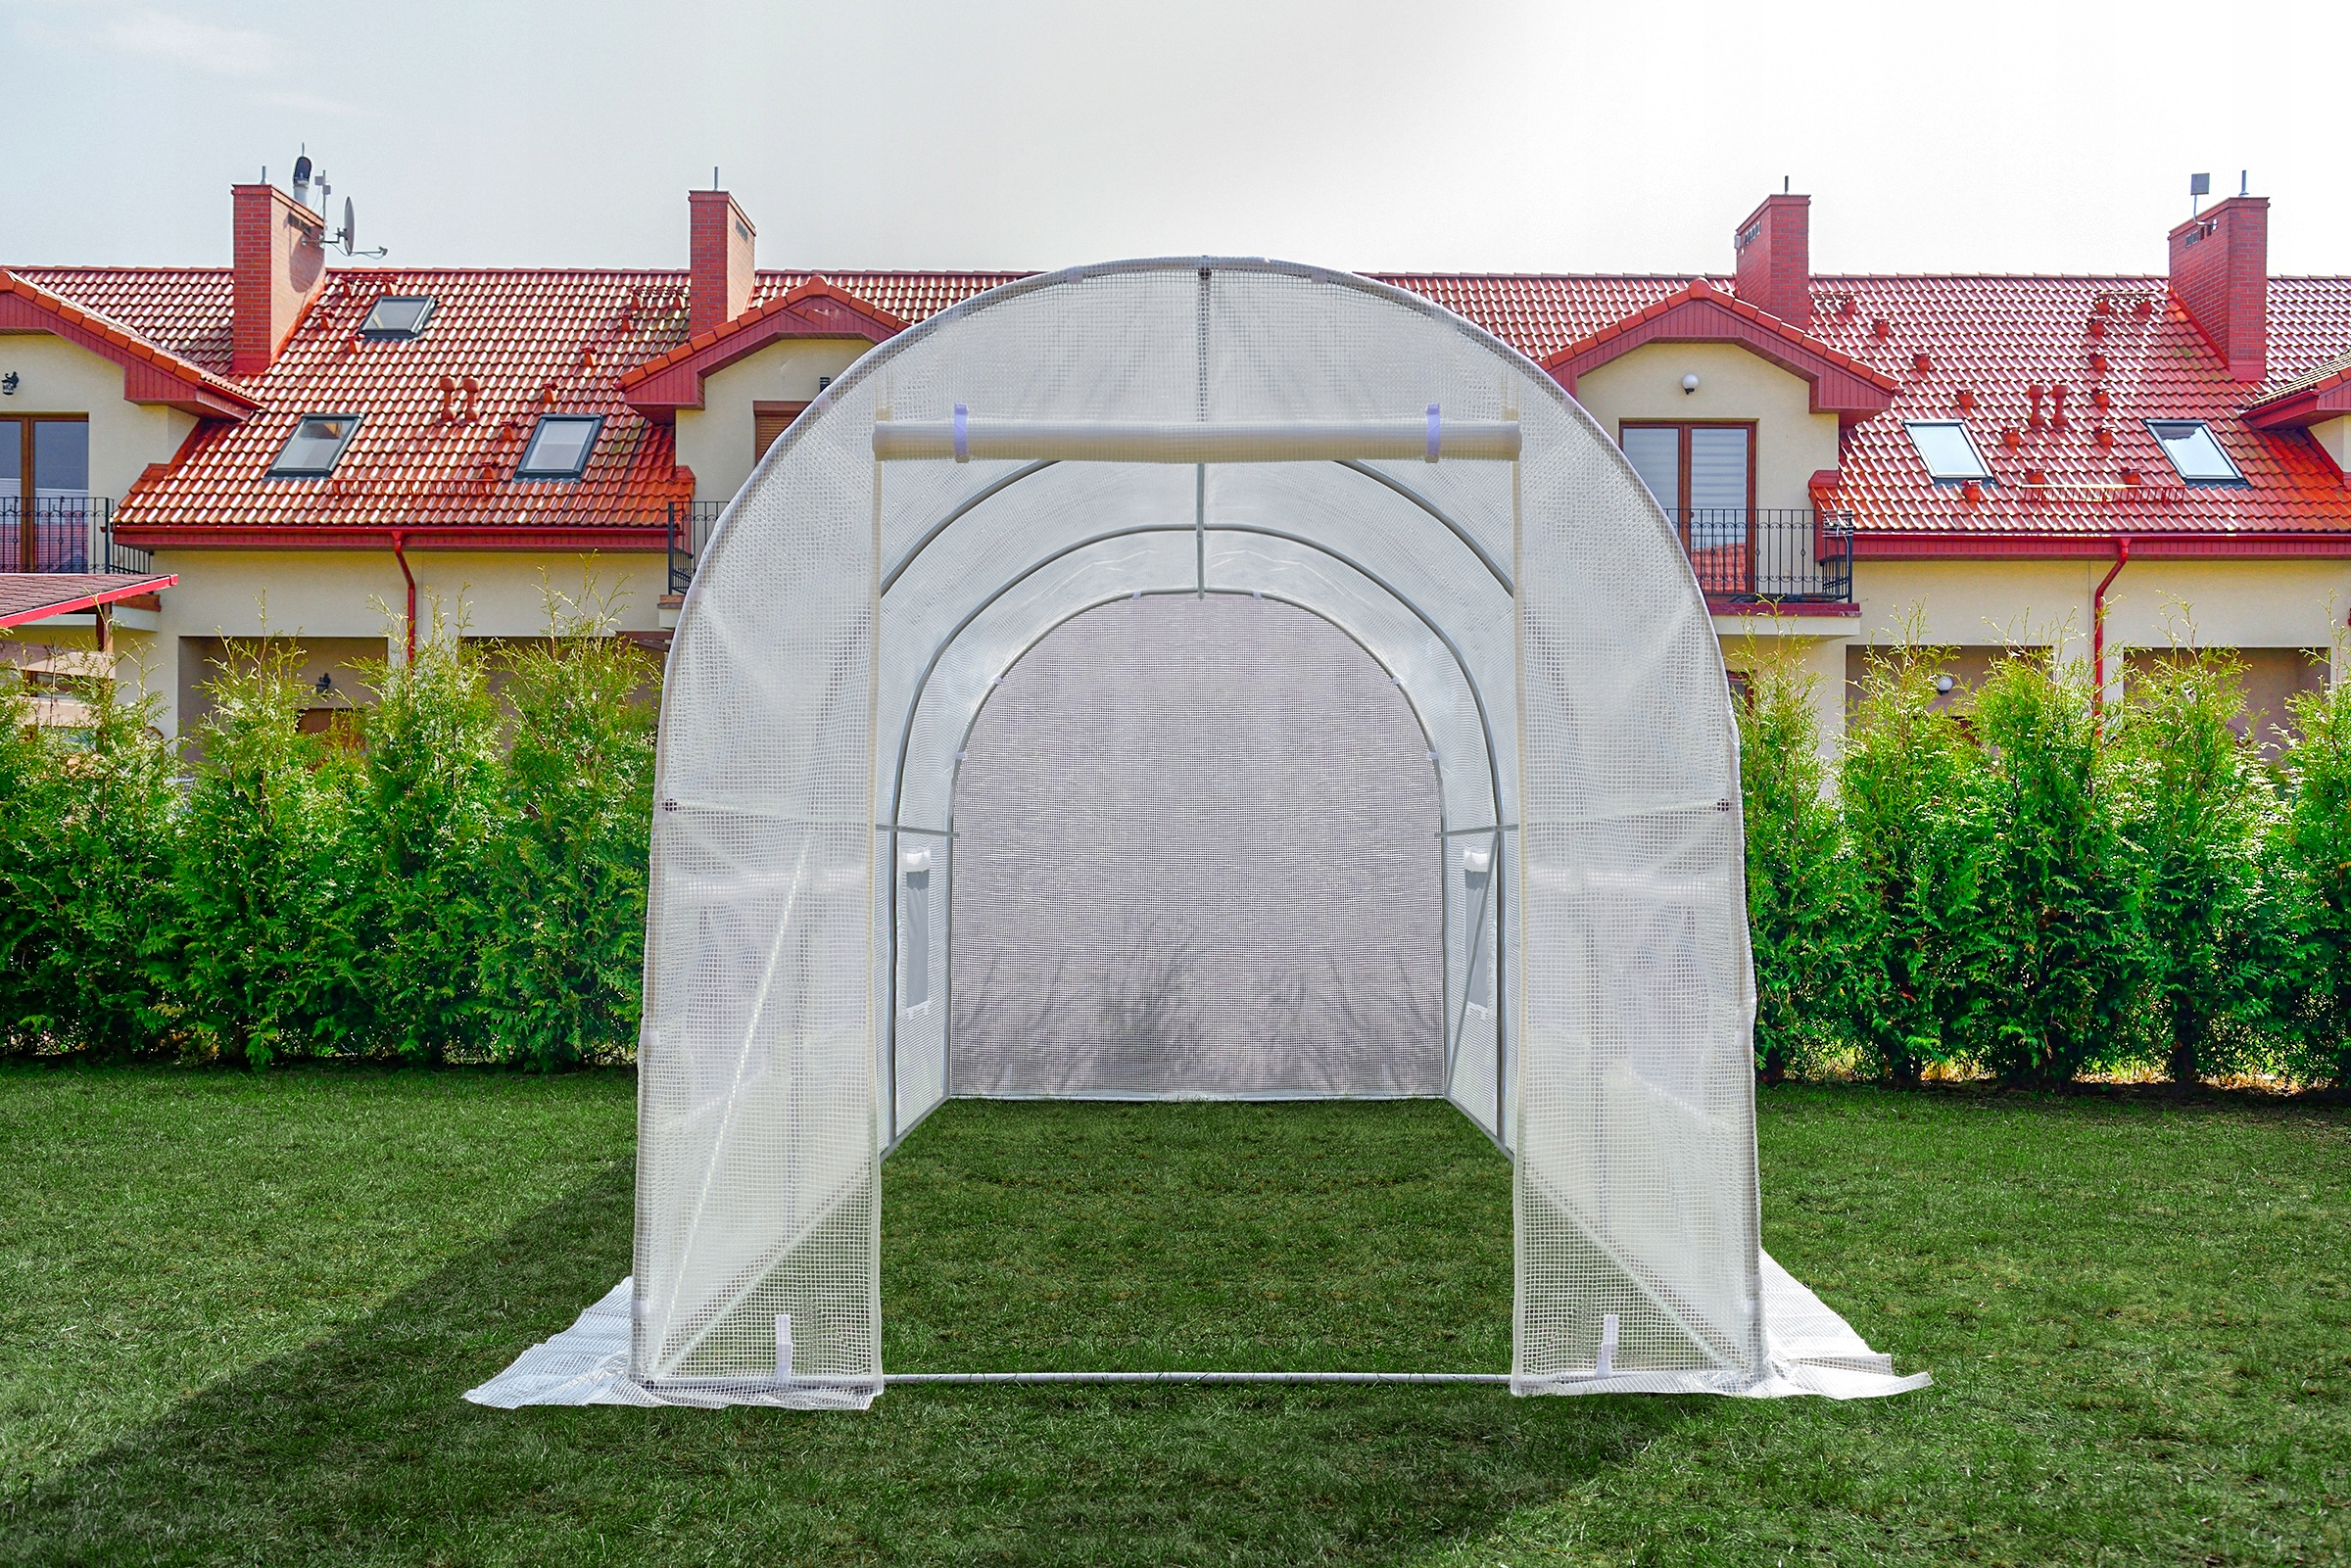 FÓLOVÝ TUNEL 6m2 ZÁHRADNÝ SKLENÍK 3x2m UV-4 Šírka 200 cm